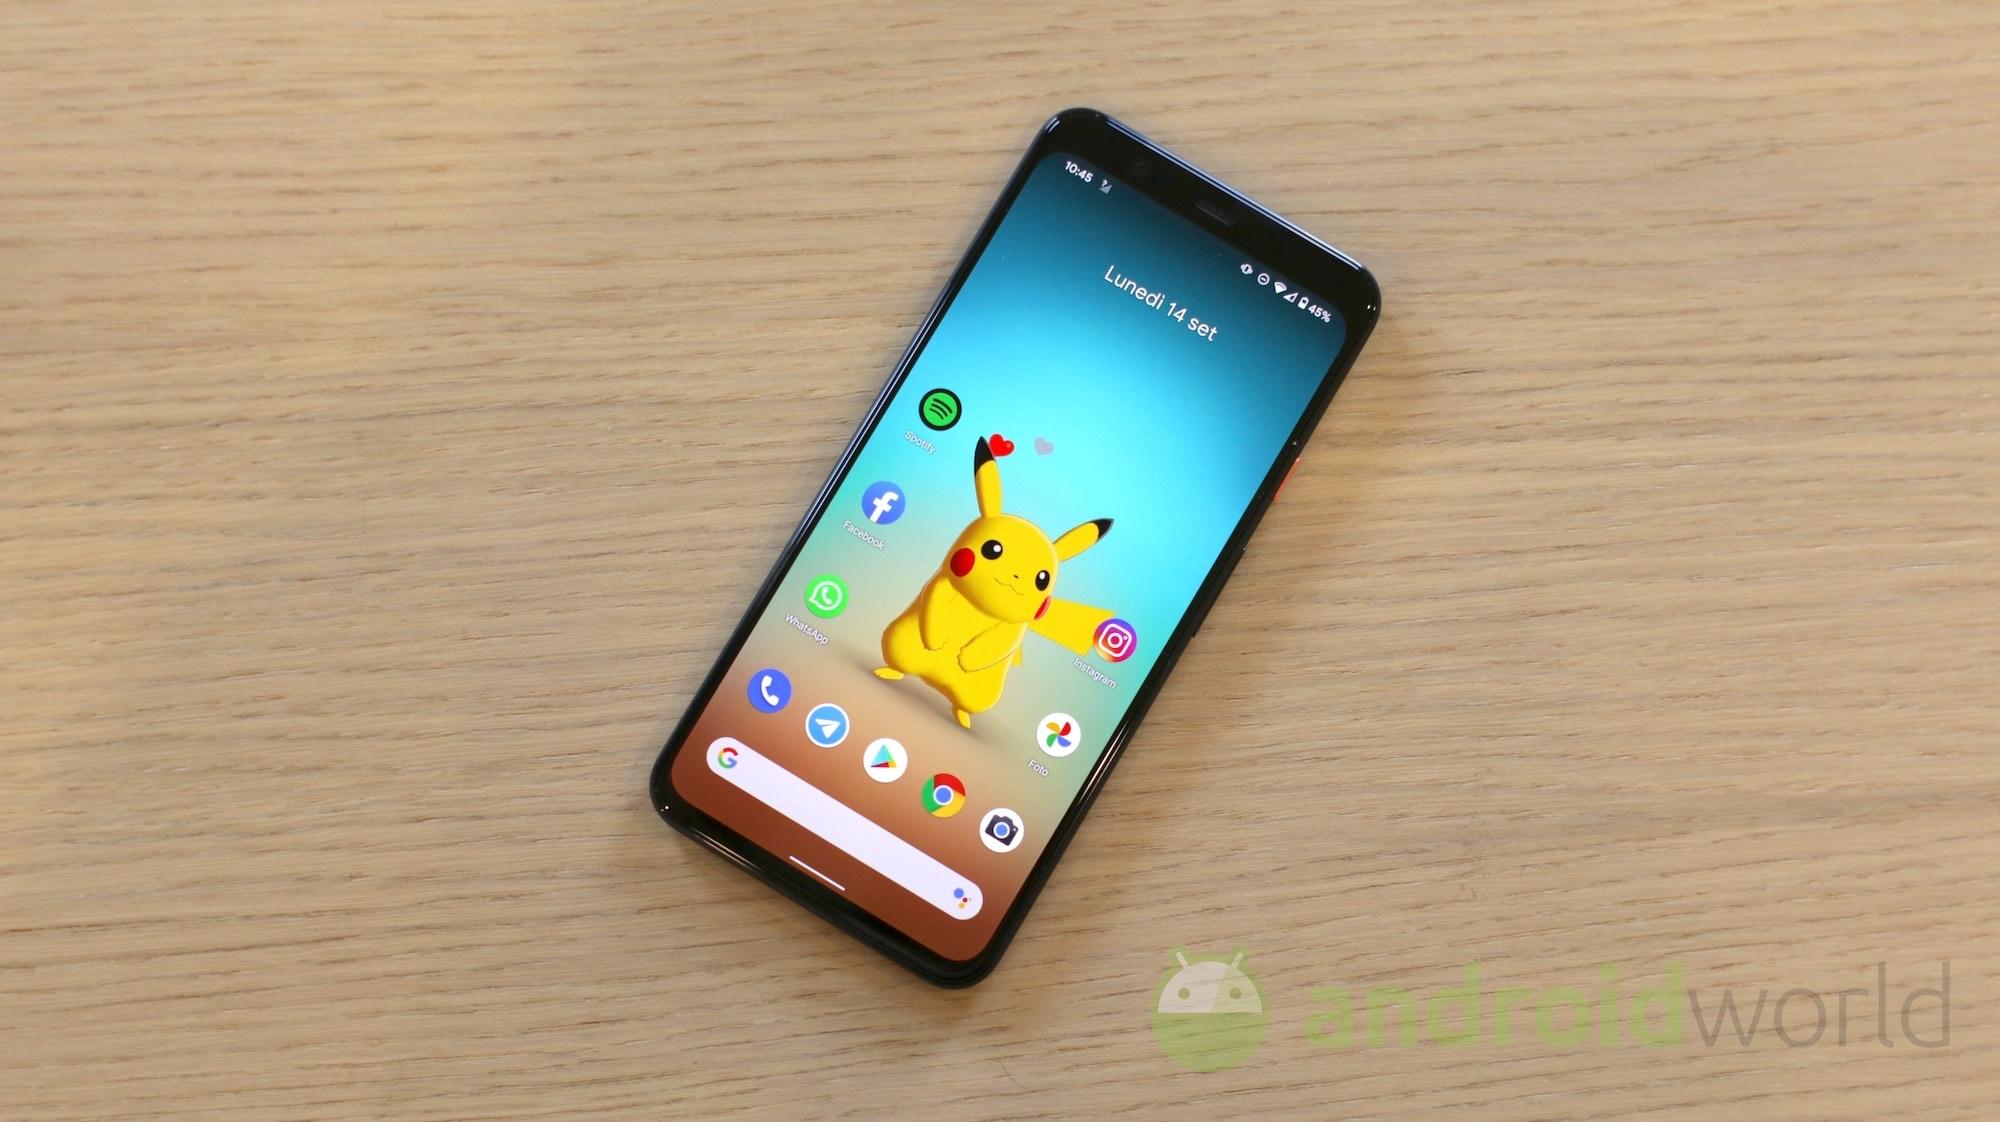 Come avere lo sfondo del Pixel 4 di Pikachu / Pokémon su tutti gli smartphone Android